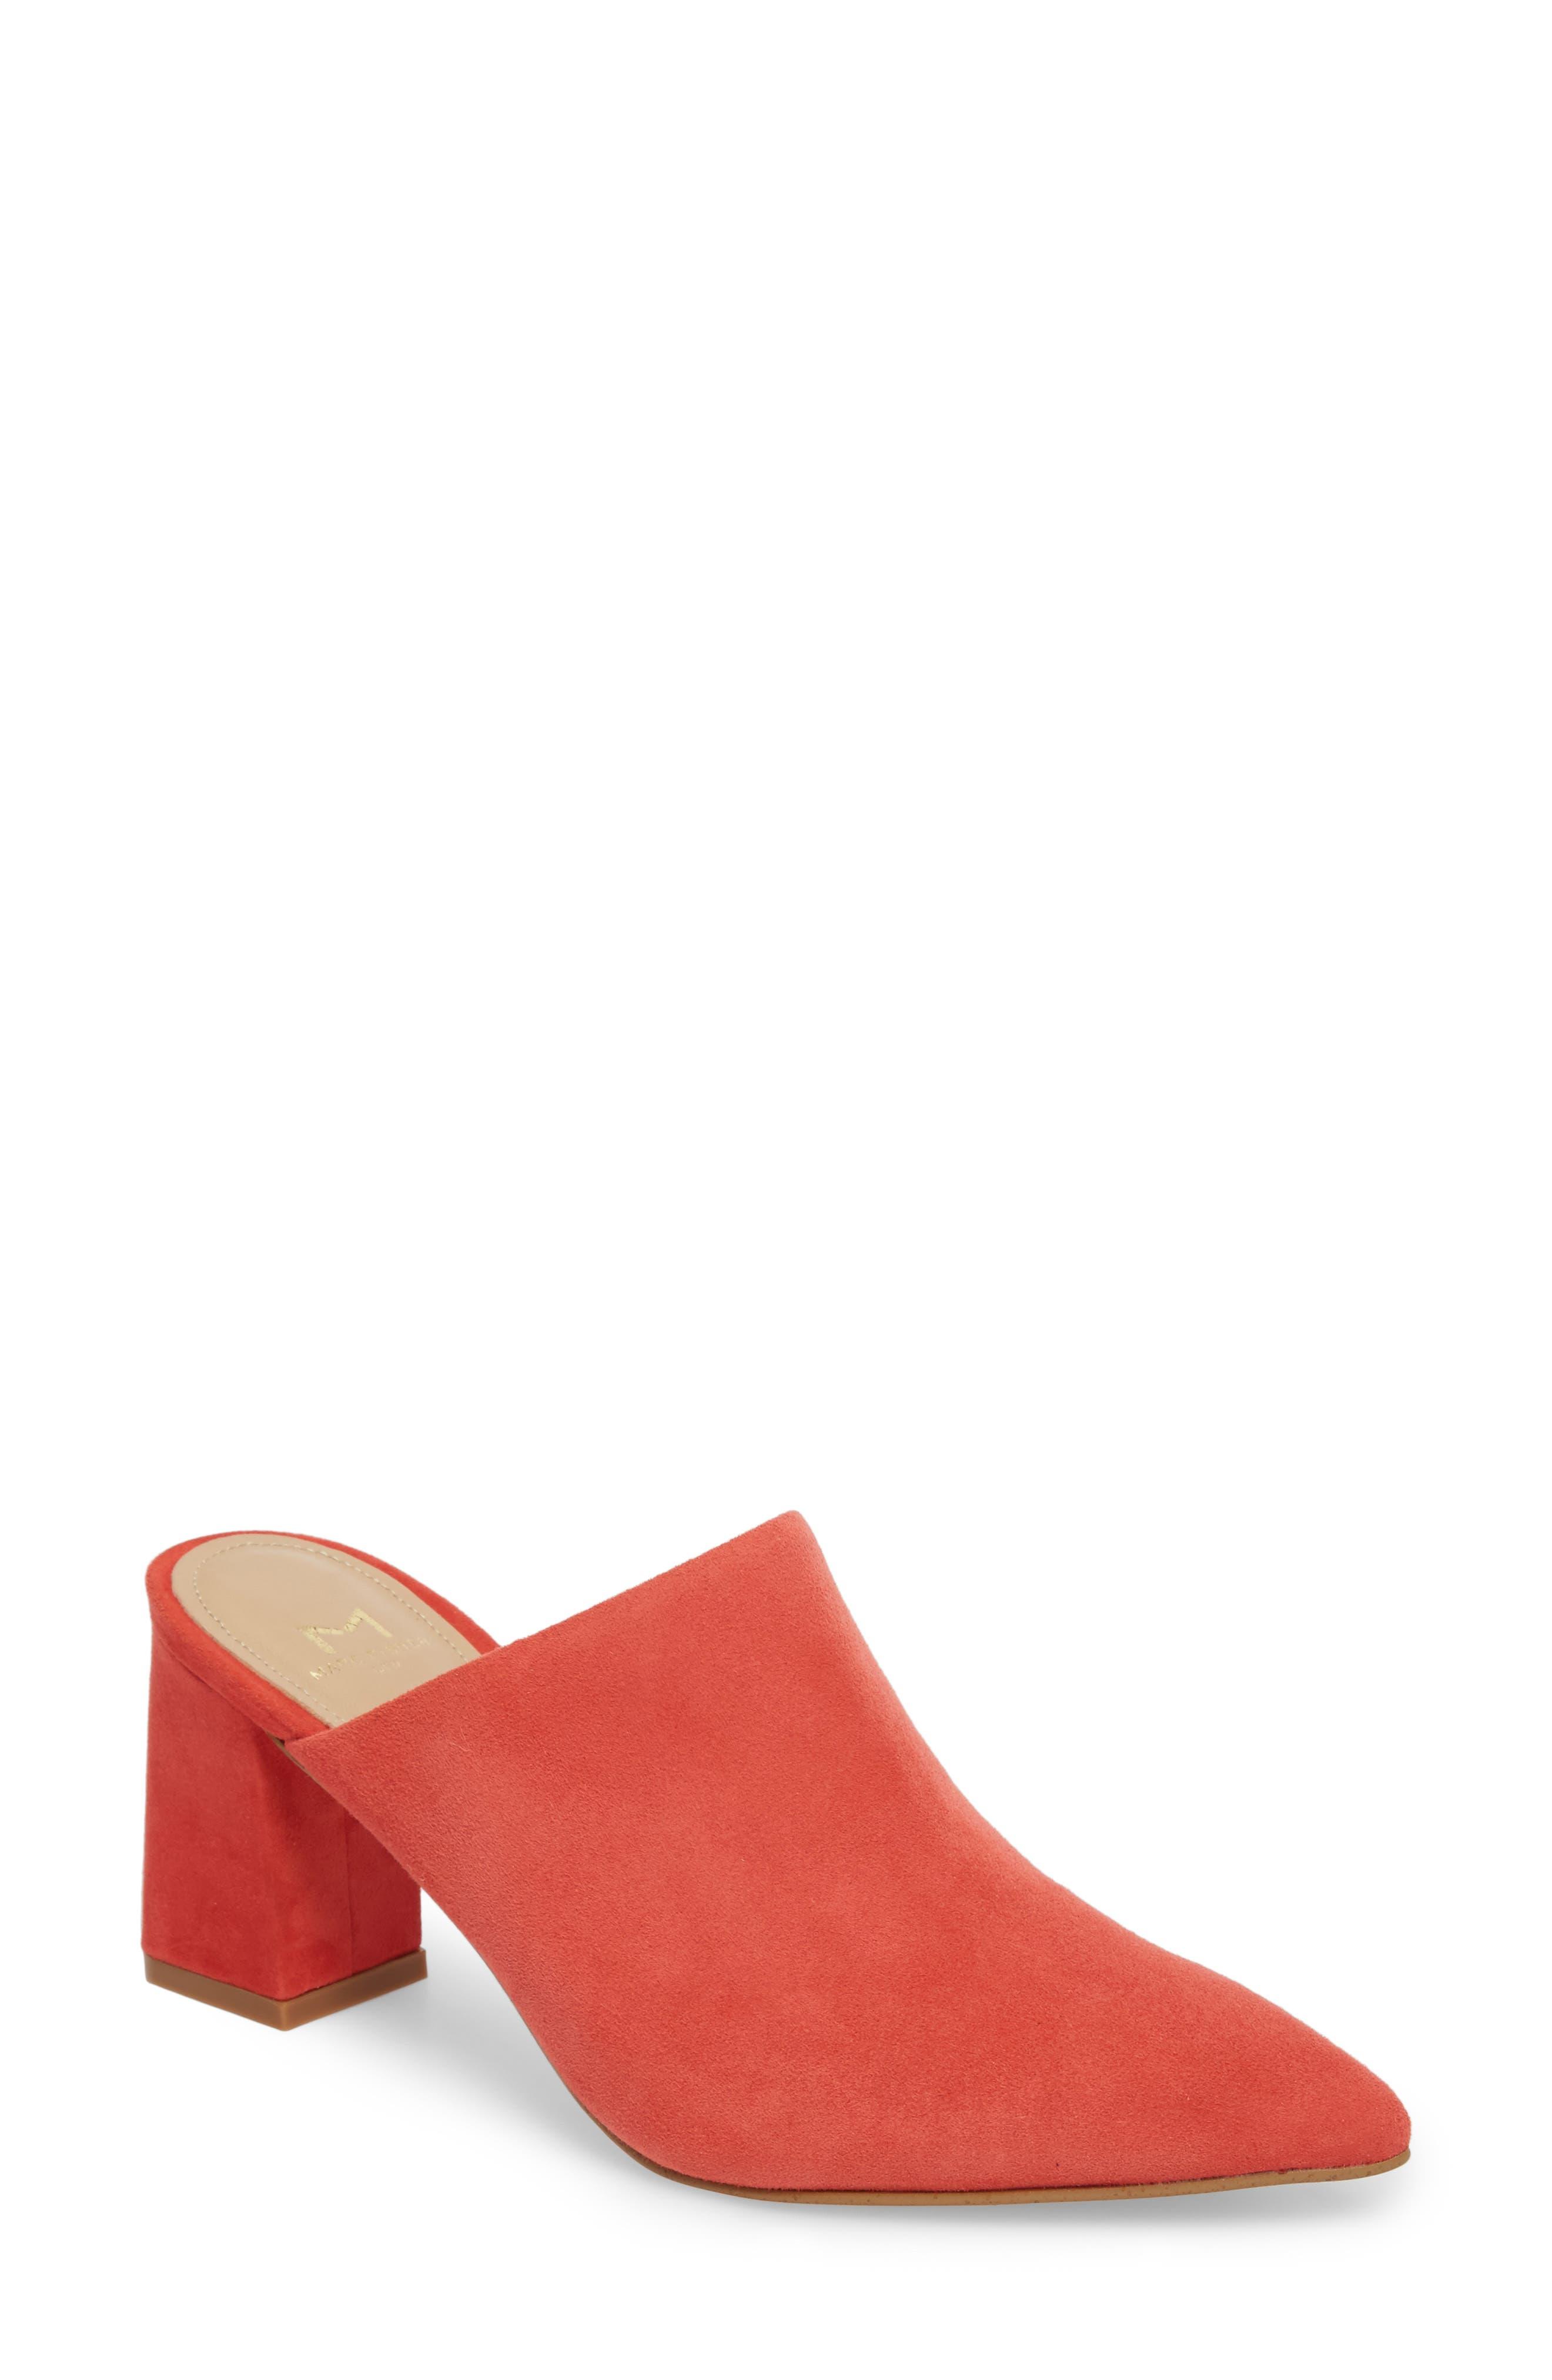 Alternate Image 1 Selected - Marc Fisher LTD Zivon Pointy Toe Mule (Women)